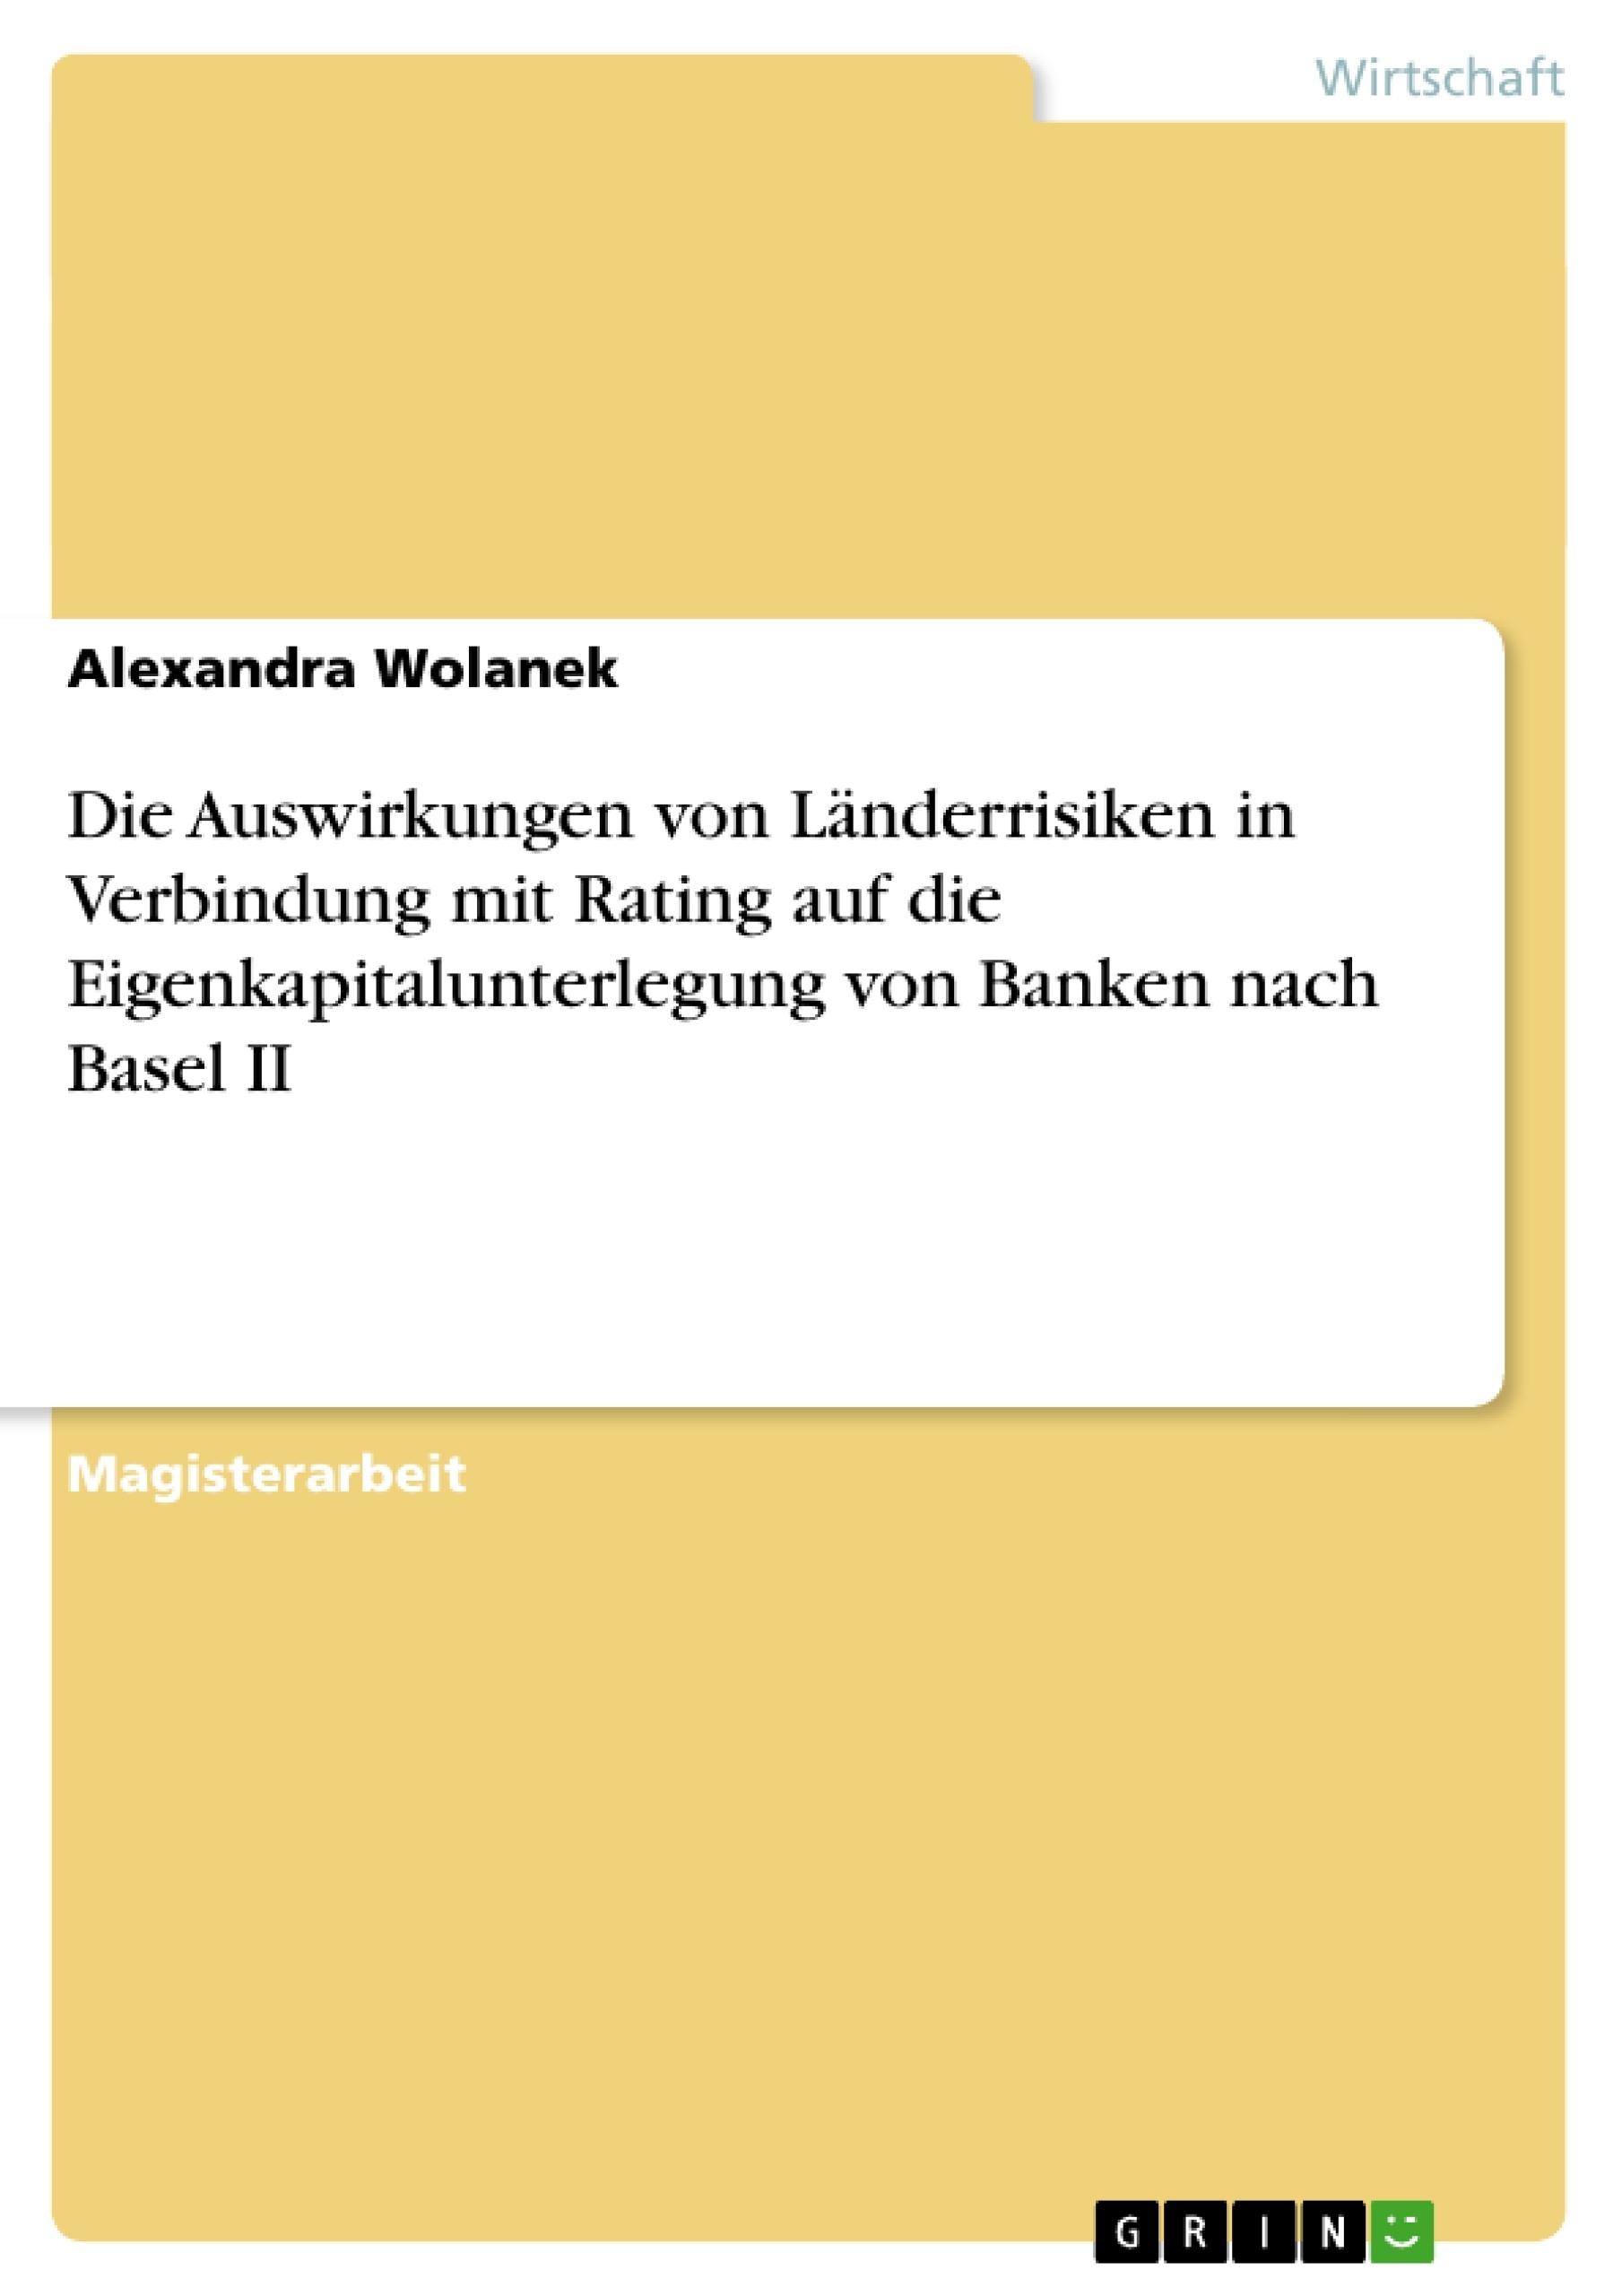 Titel: Die Auswirkungen von Länderrisiken in Verbindung mit Rating auf die Eigenkapitalunterlegung von Banken nach Basel II